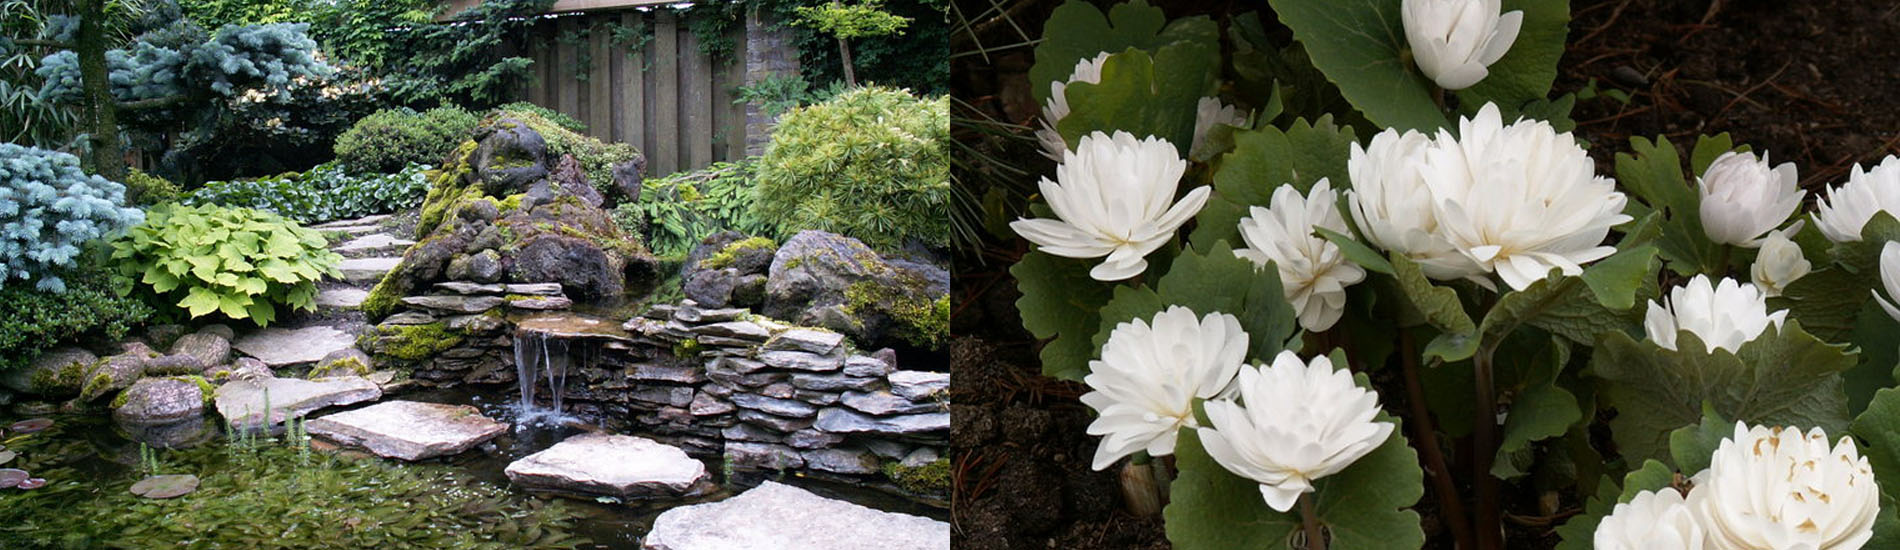 De schoonheid van een tuin